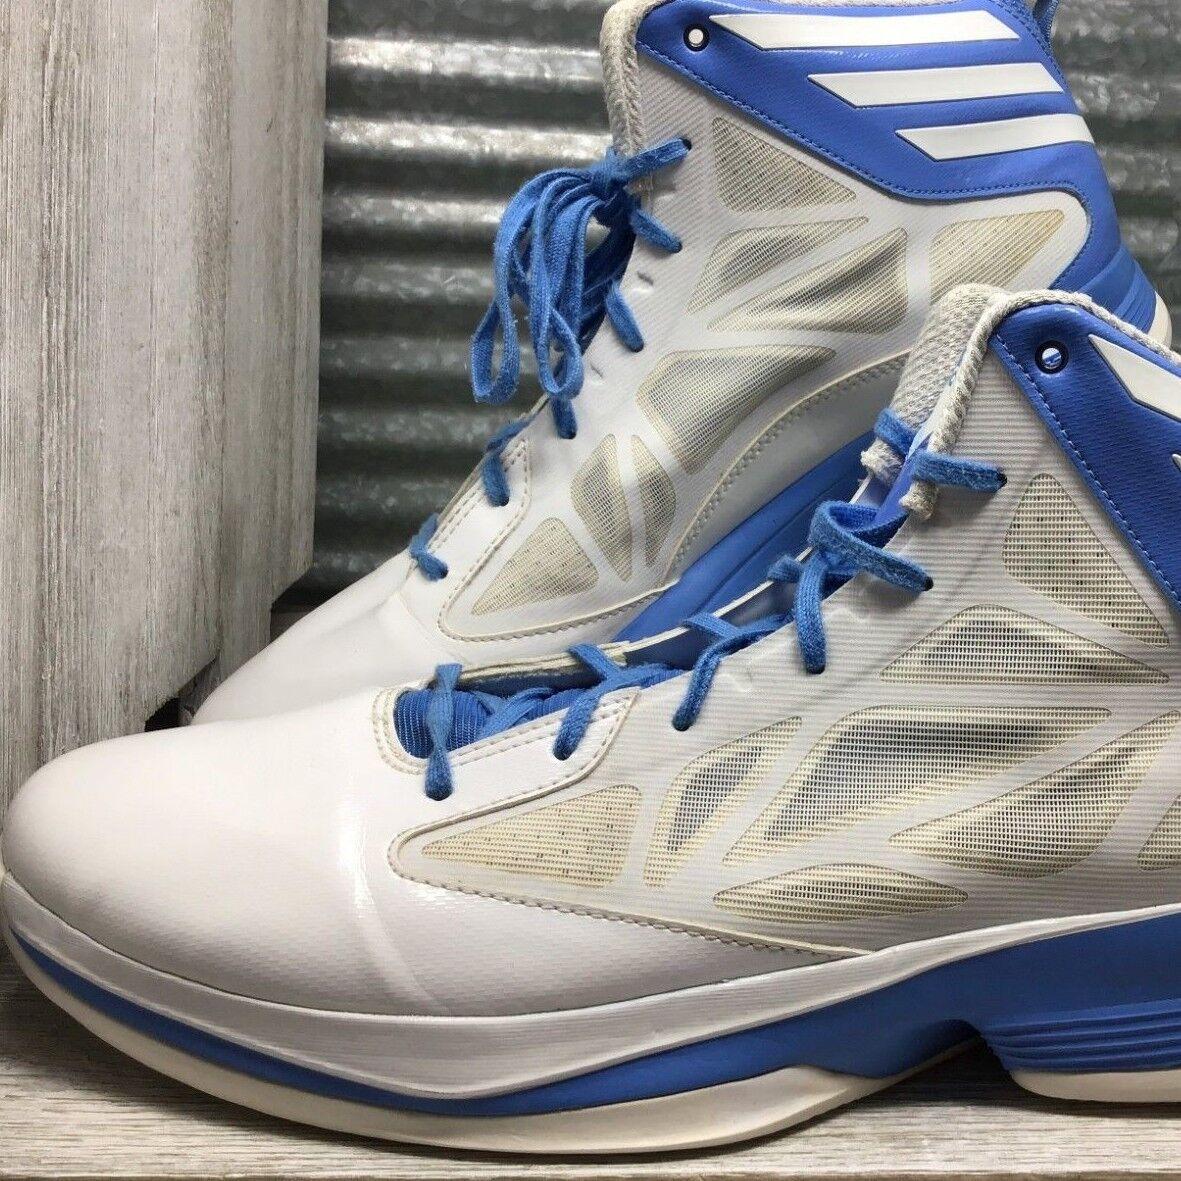 Adidas para hombre blancoo Alta Top Sprint Webb Azul acentos tamaño 15 Collar rellenado